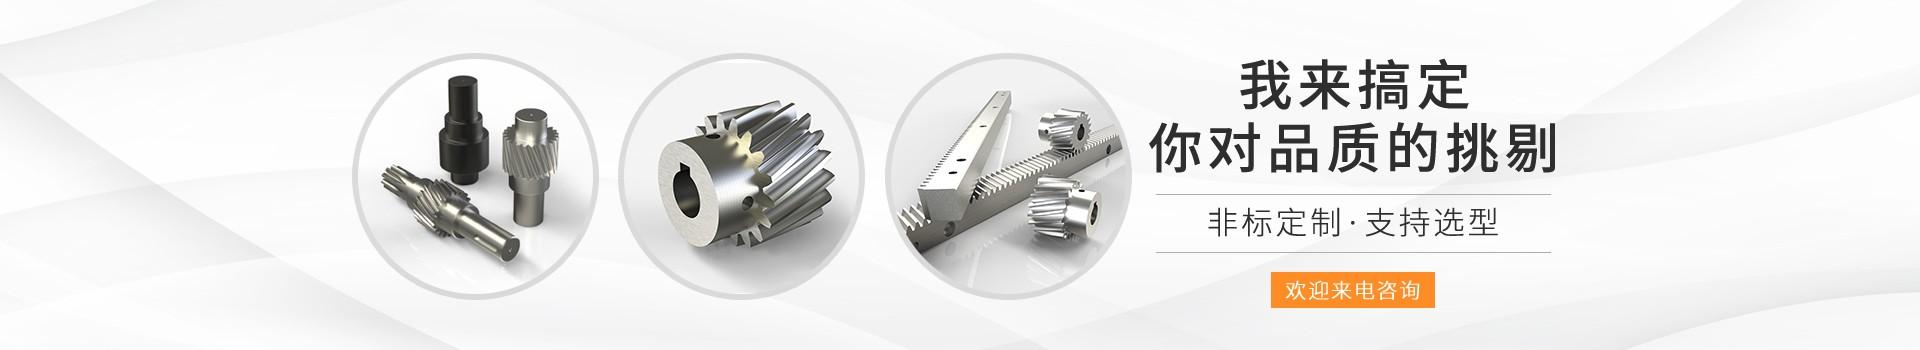 齿轮齿条模数规格参数齐全,高品质非标定制